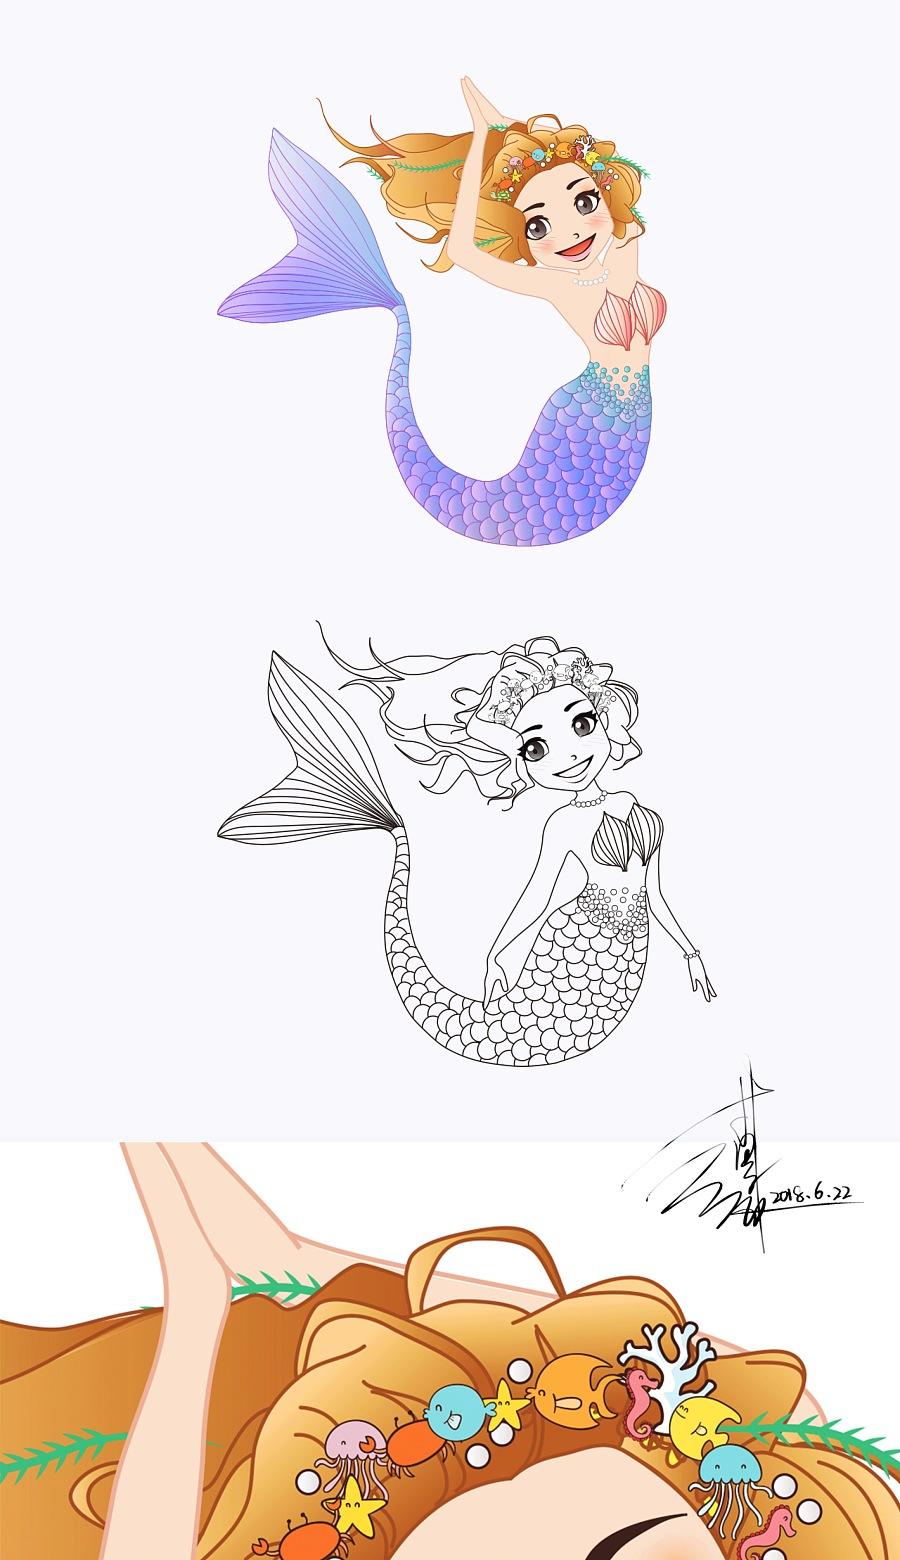 【美人鱼】卡通插画 手绘设计